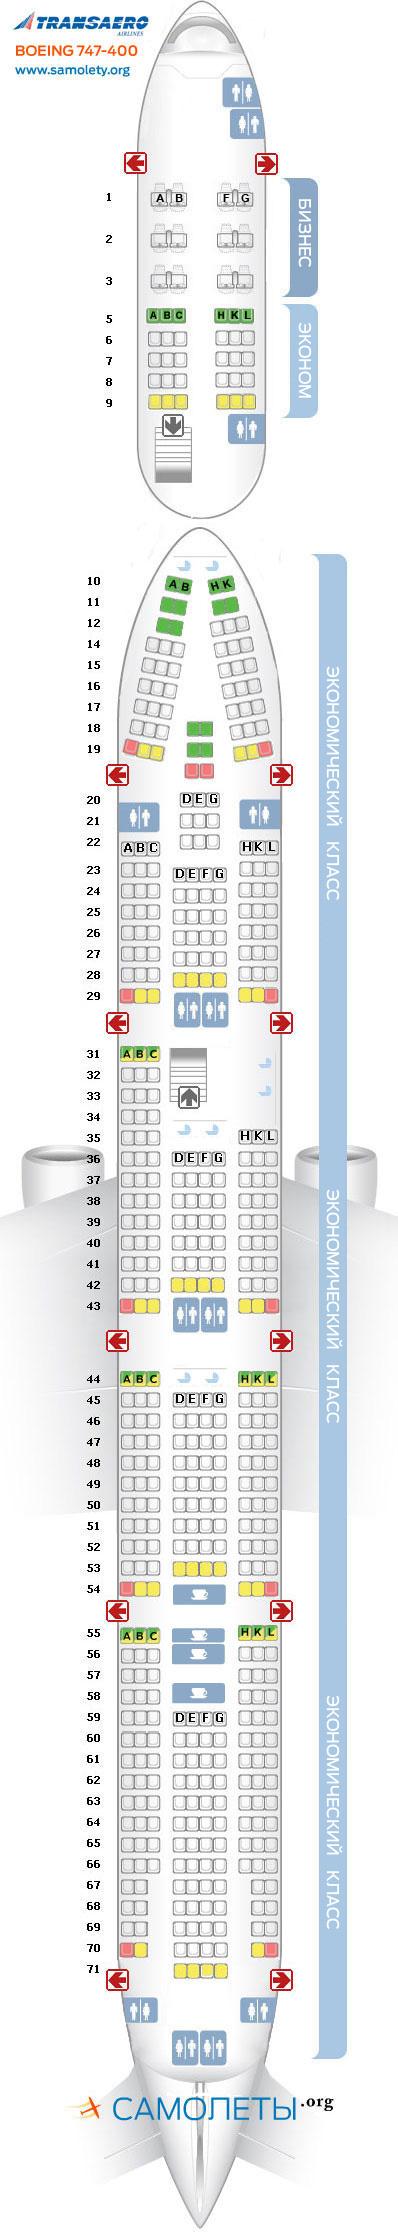 схема распределения мест в автобусе